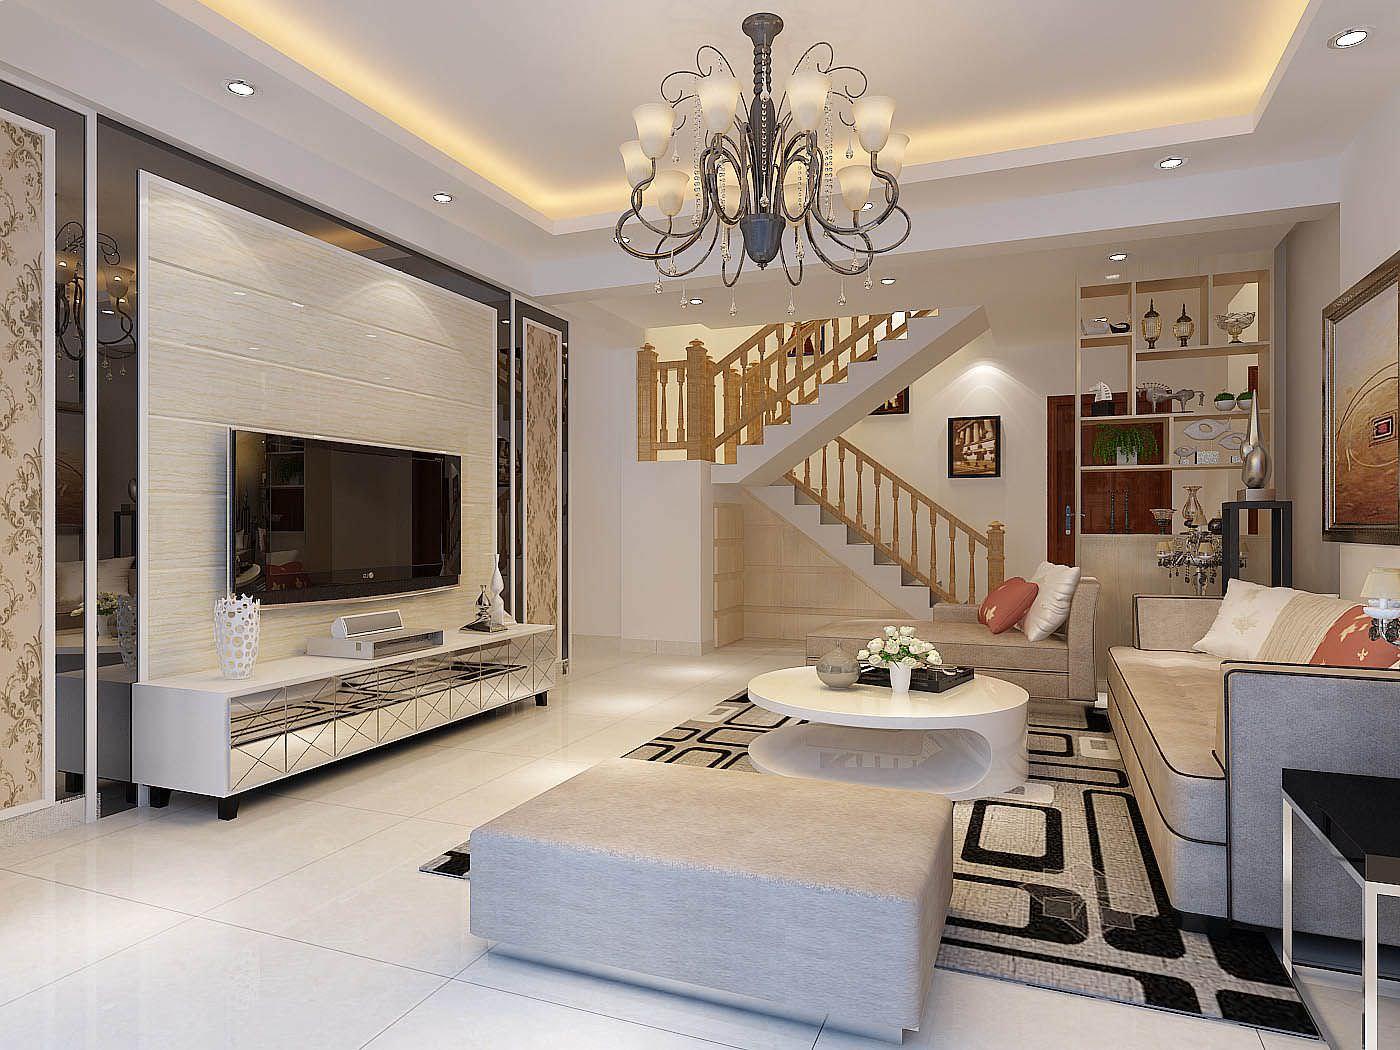 Cách phối màu kem với ánh bạc tinh tế cho không gian phòng khách thêm thu hút